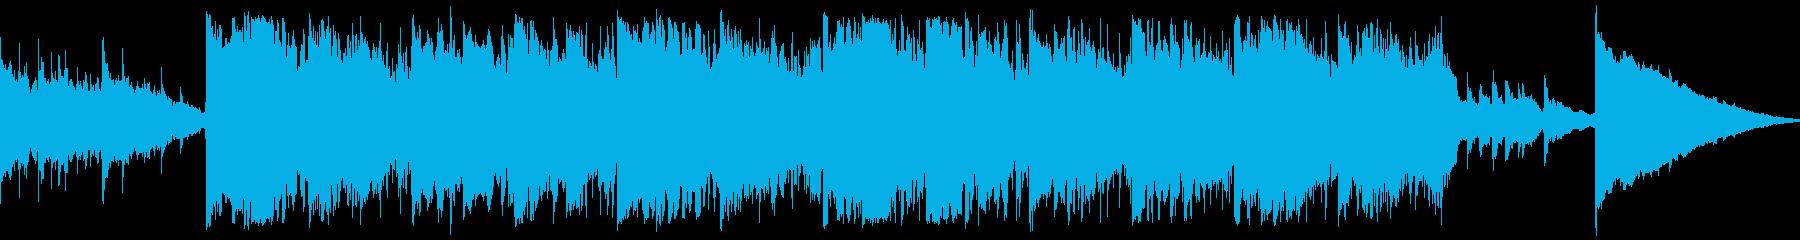 ソフトオリエンタルとヒンドゥーの楽...の再生済みの波形